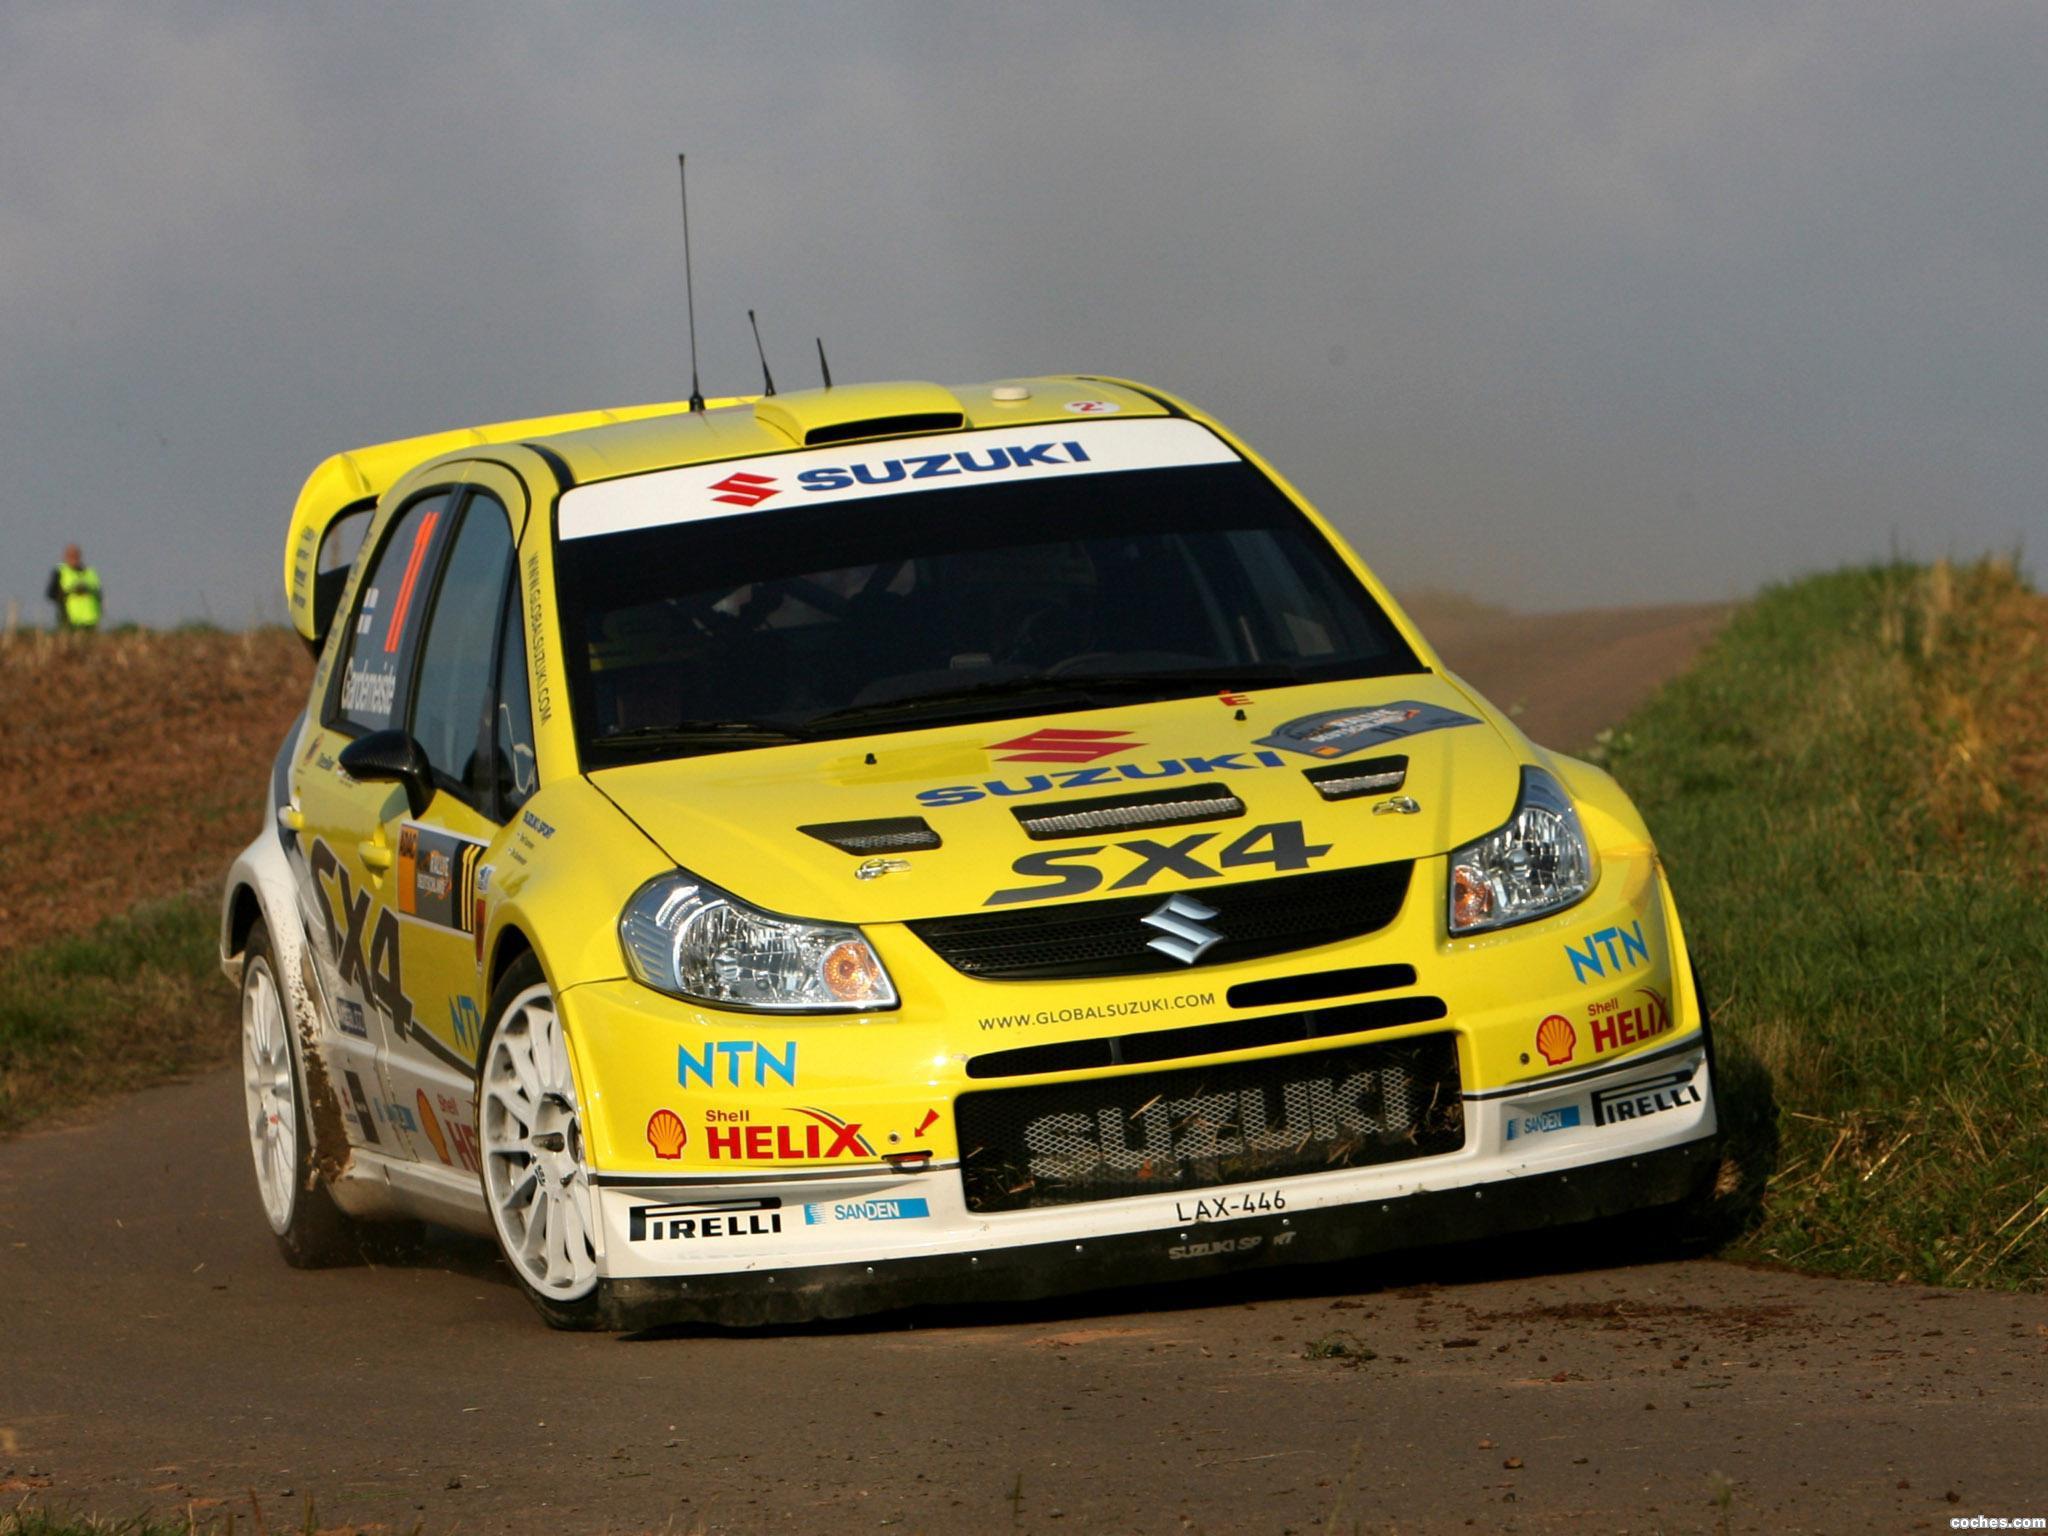 Foto 0 de Suzuki SX4 WRC 2007